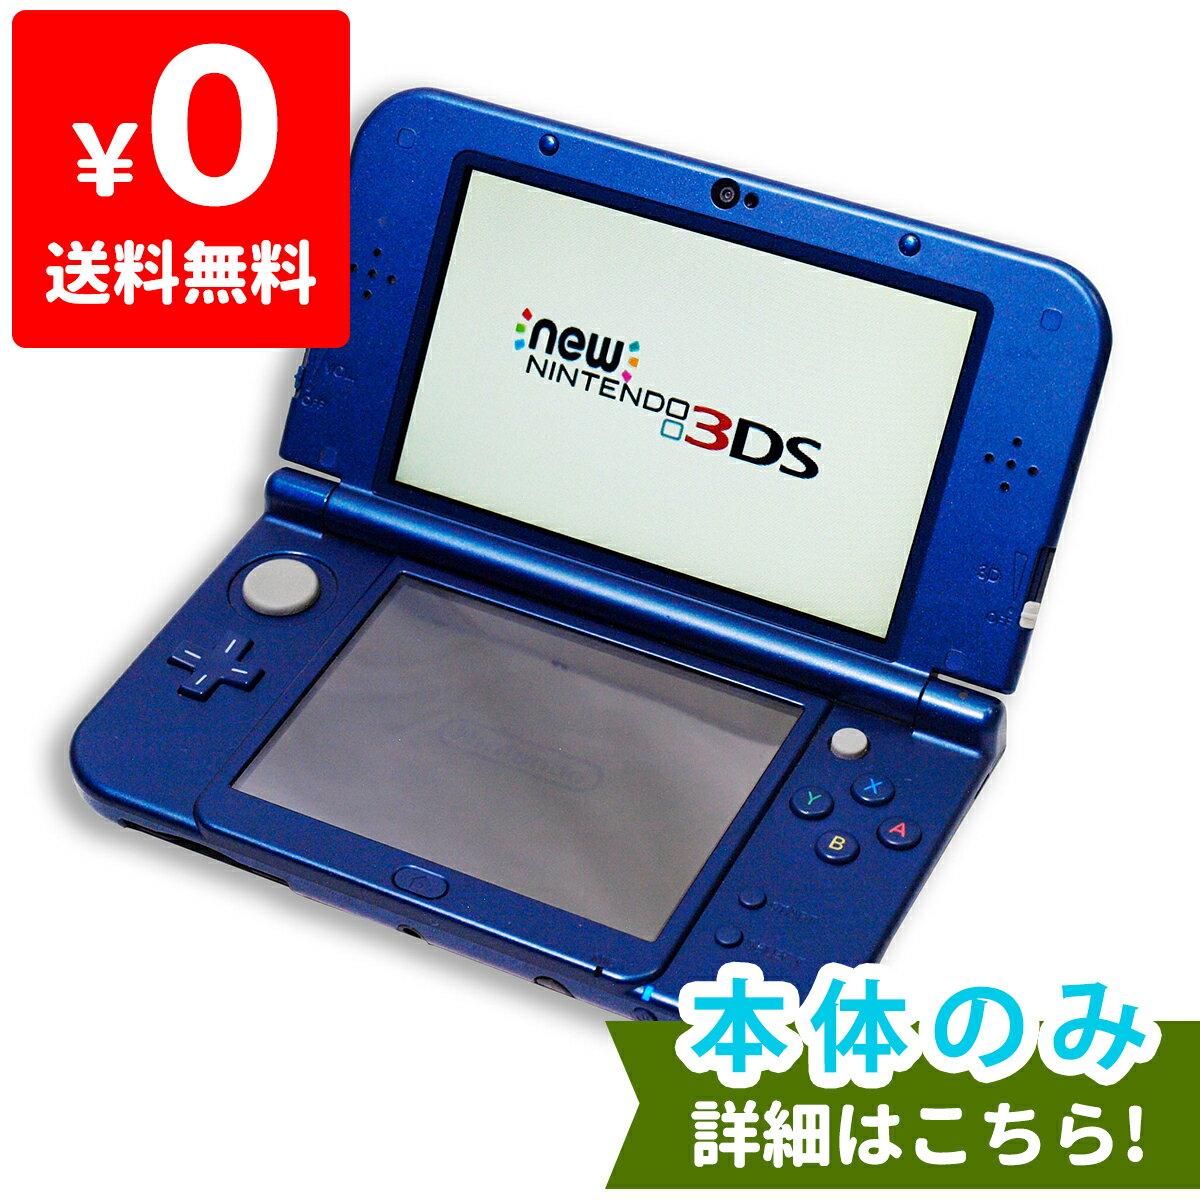 New3DSLL New ニンテンドー3DS LL メタリックブルー(RED-S-BAAA) 本体のみ タッチペン付き Nintendo 任天堂 ニンテンドー 中古 4902370522174 送料無料 【中古】